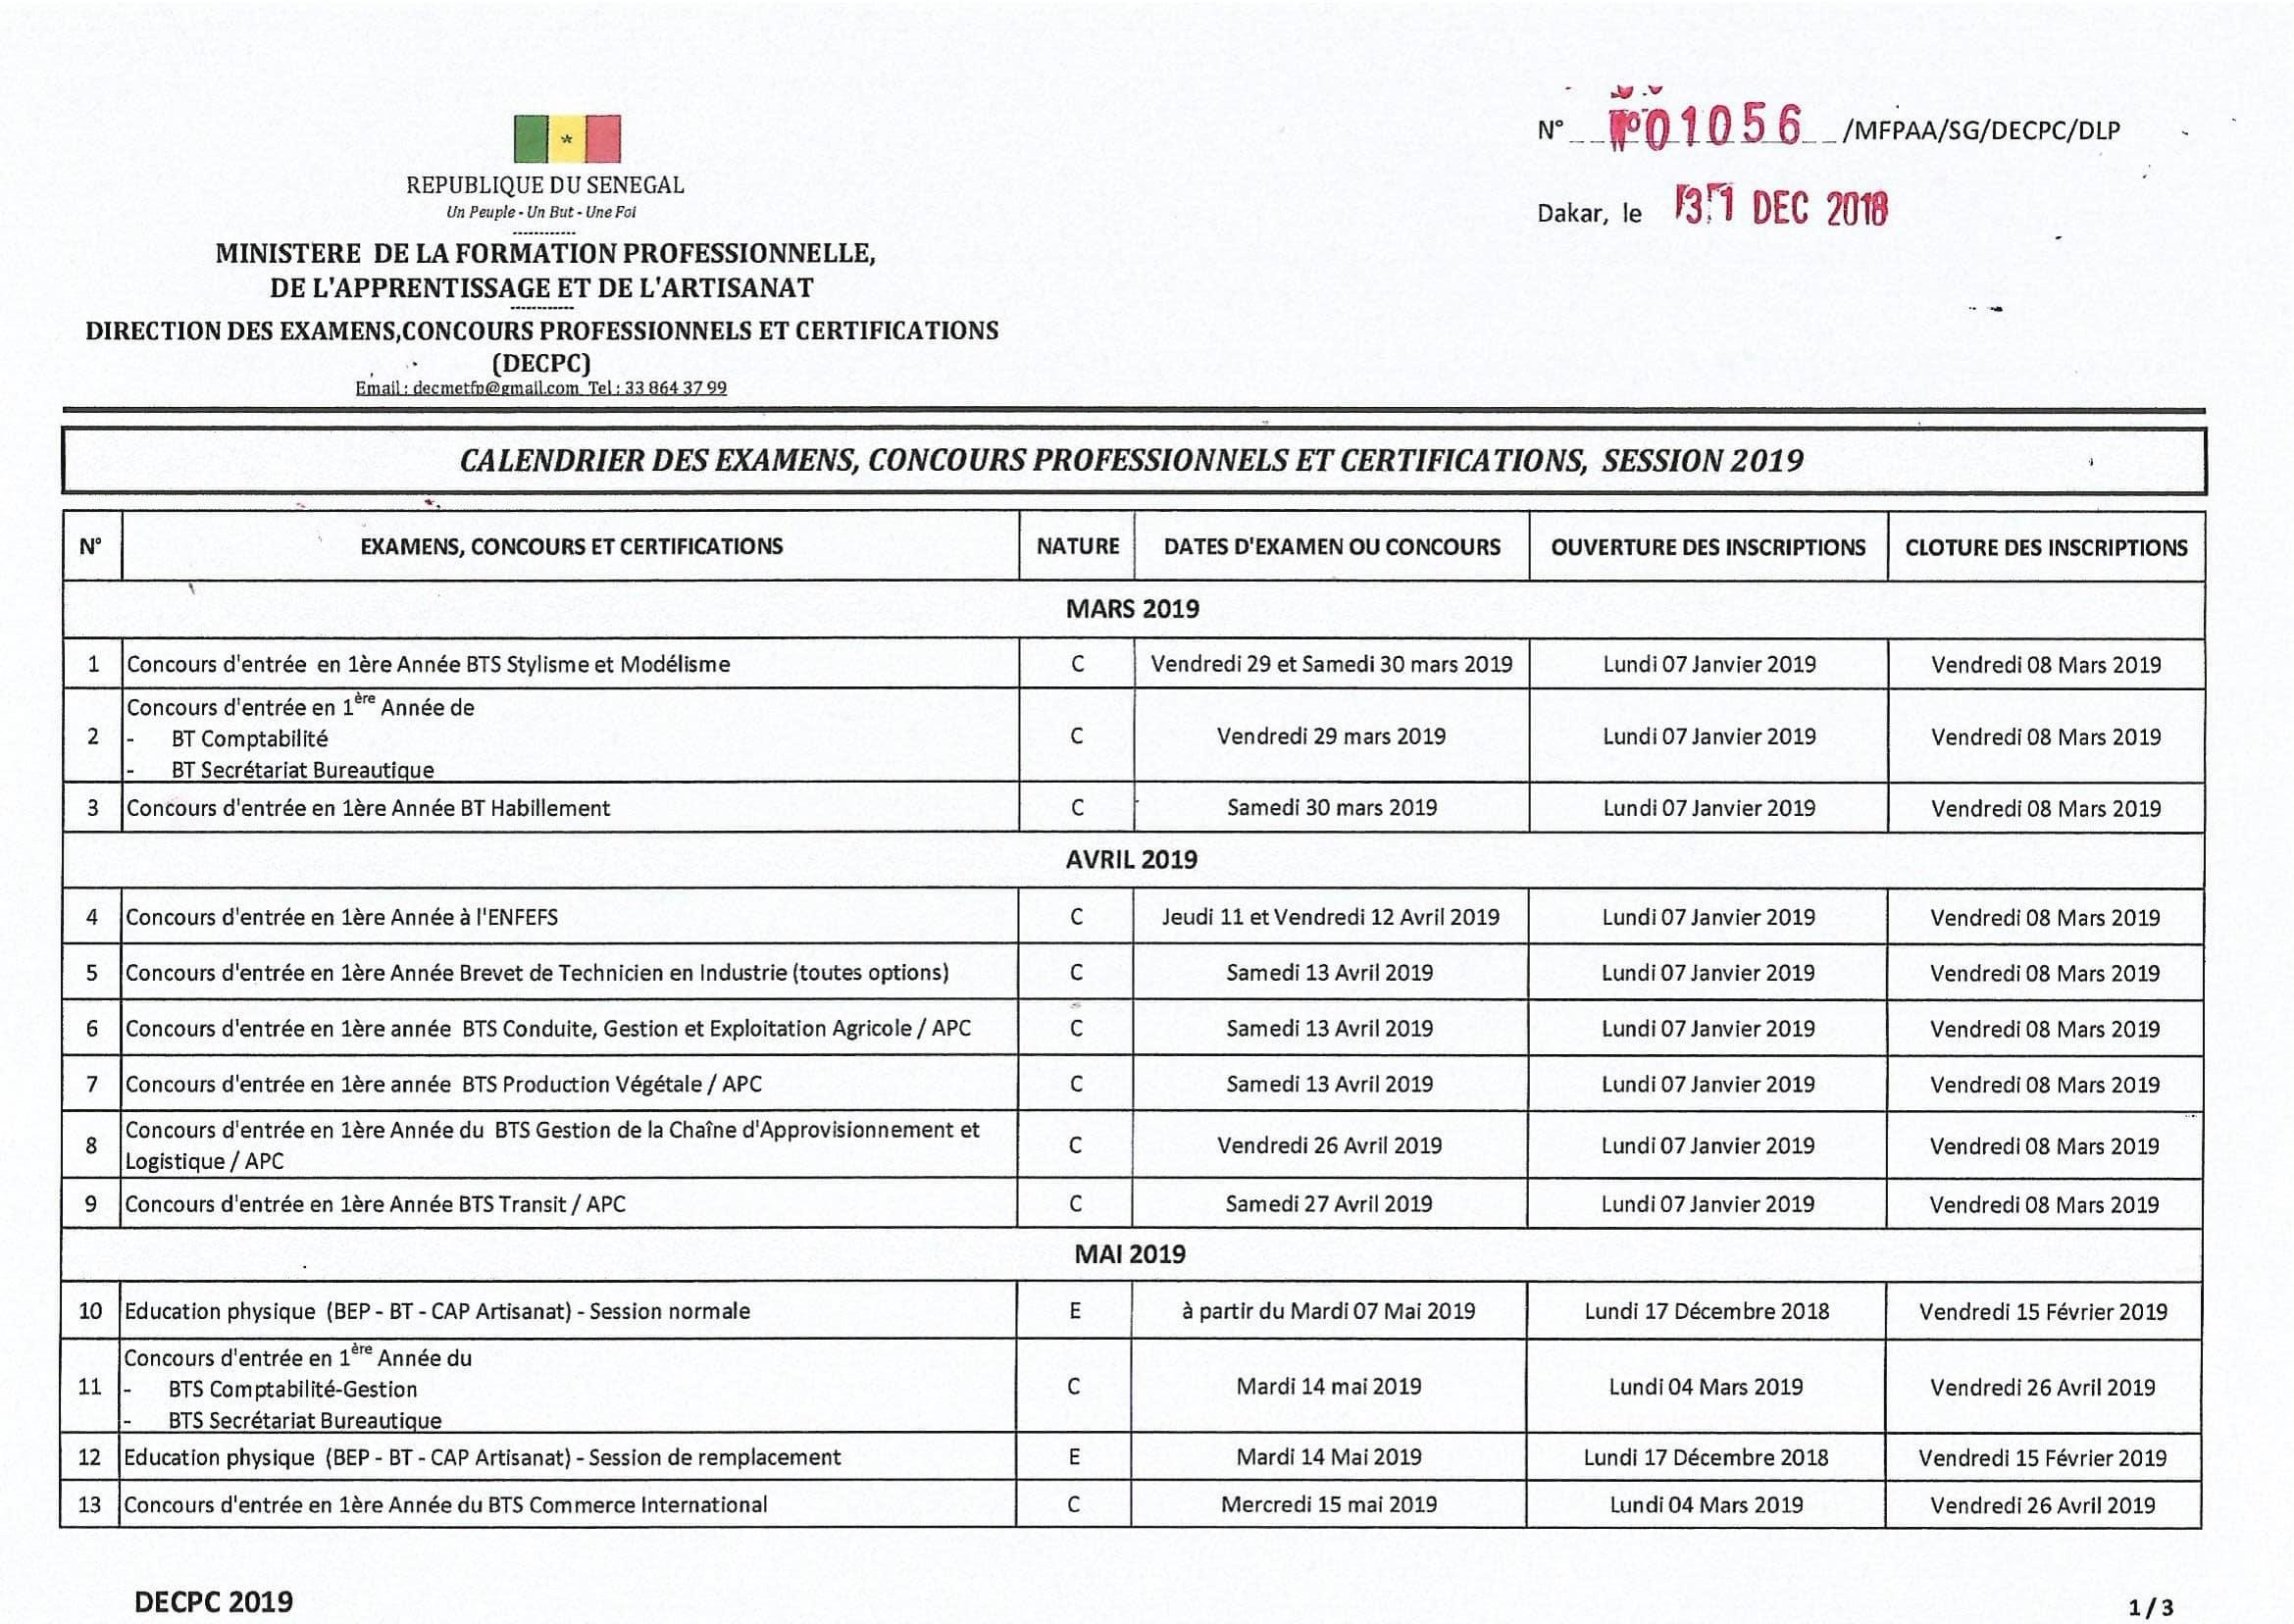 Concours Calendrier.Calendrier Des Examens Concours Professionnels Et